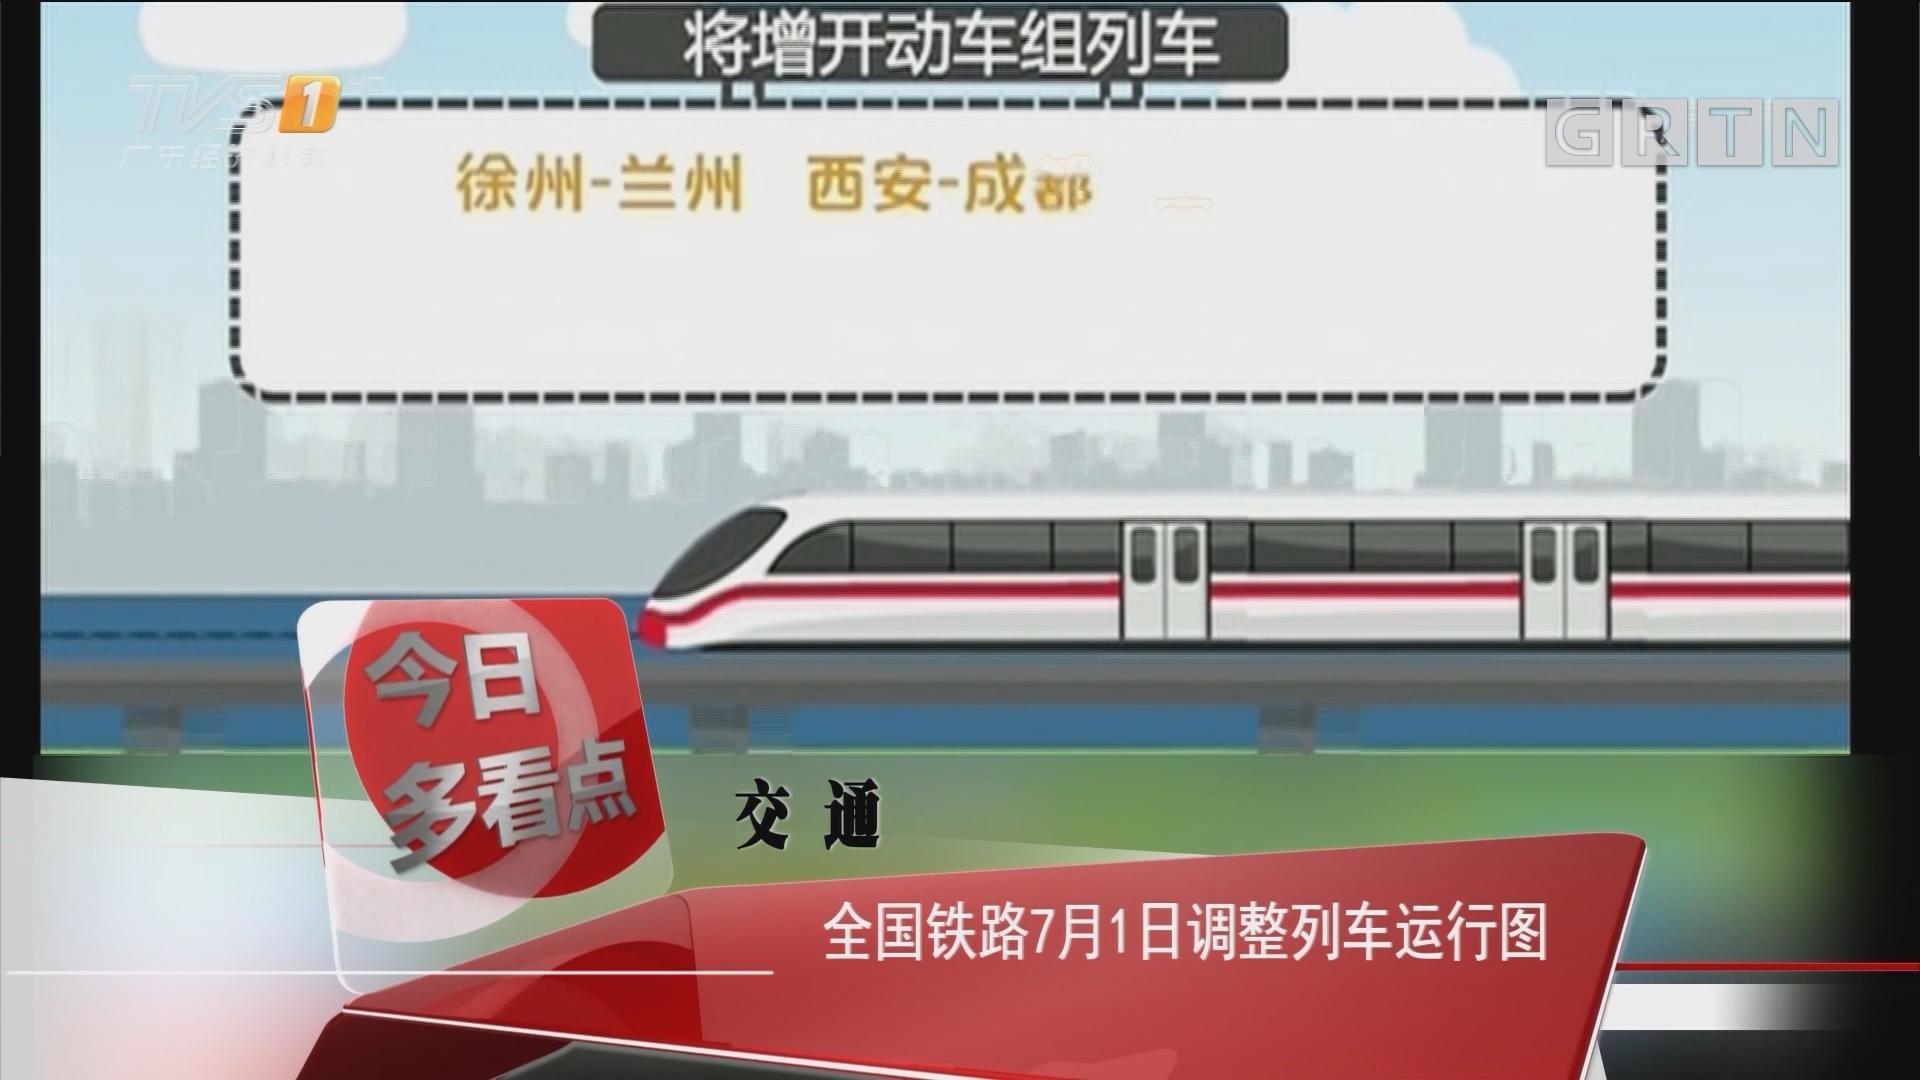 交通:全国铁路7月1日调整列车运行图